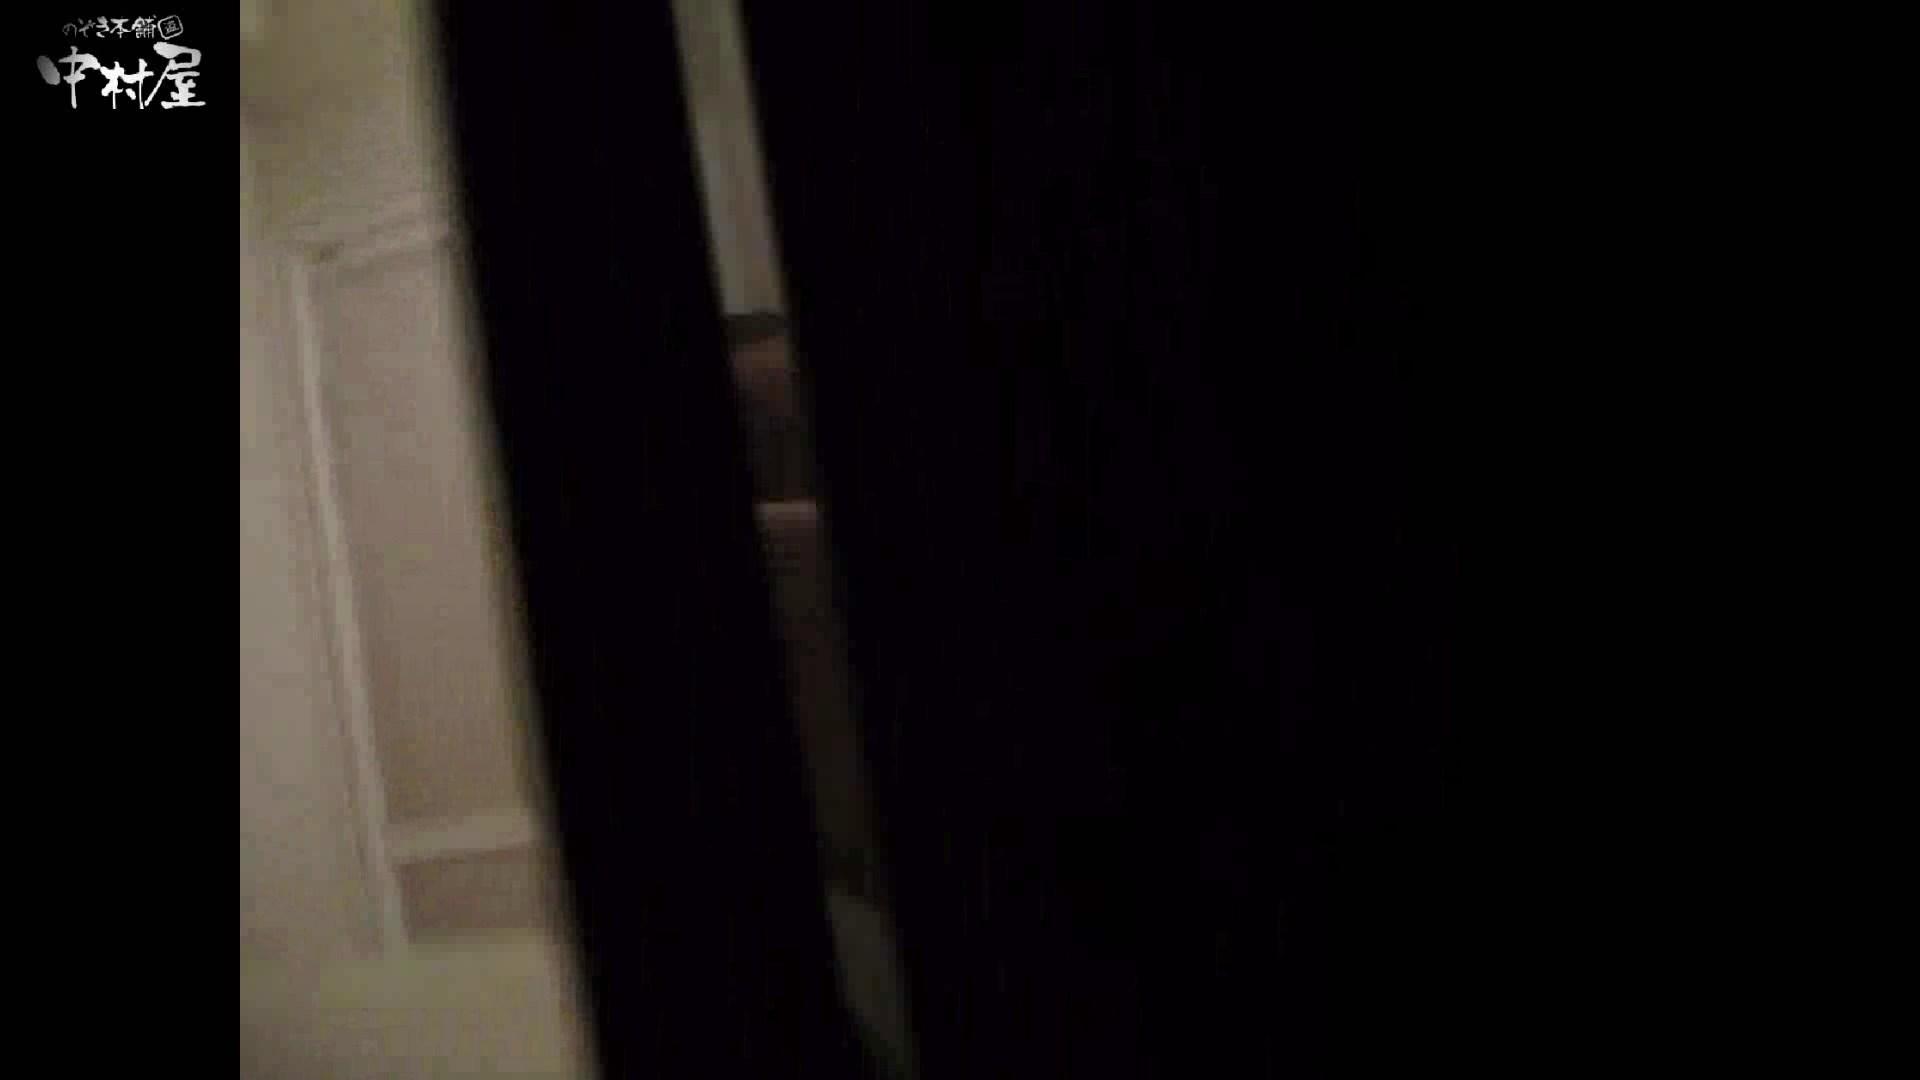 民家風呂専門盗撮師の超危険映像 vol.016 美女のカラダ 盗撮動画紹介 13pic 8